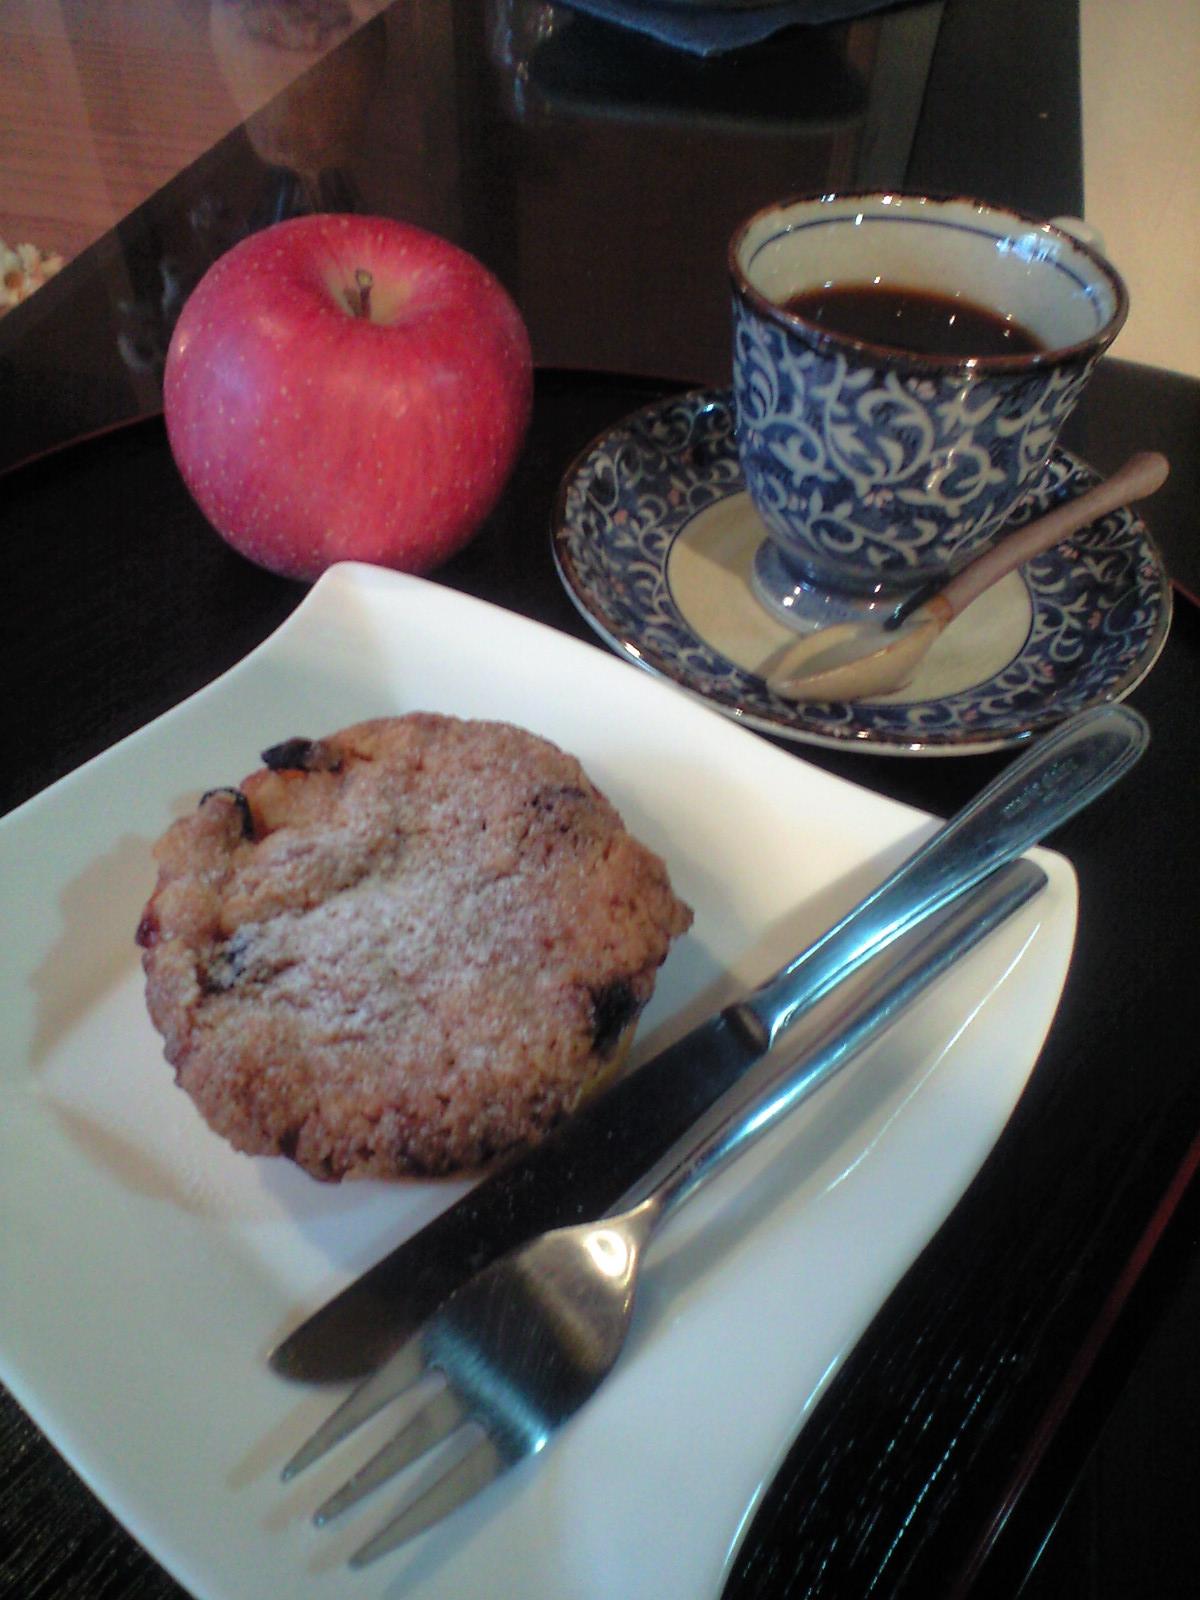 http://www.kyoto-cake.com/2009/11/14/CA3A0313.jpg